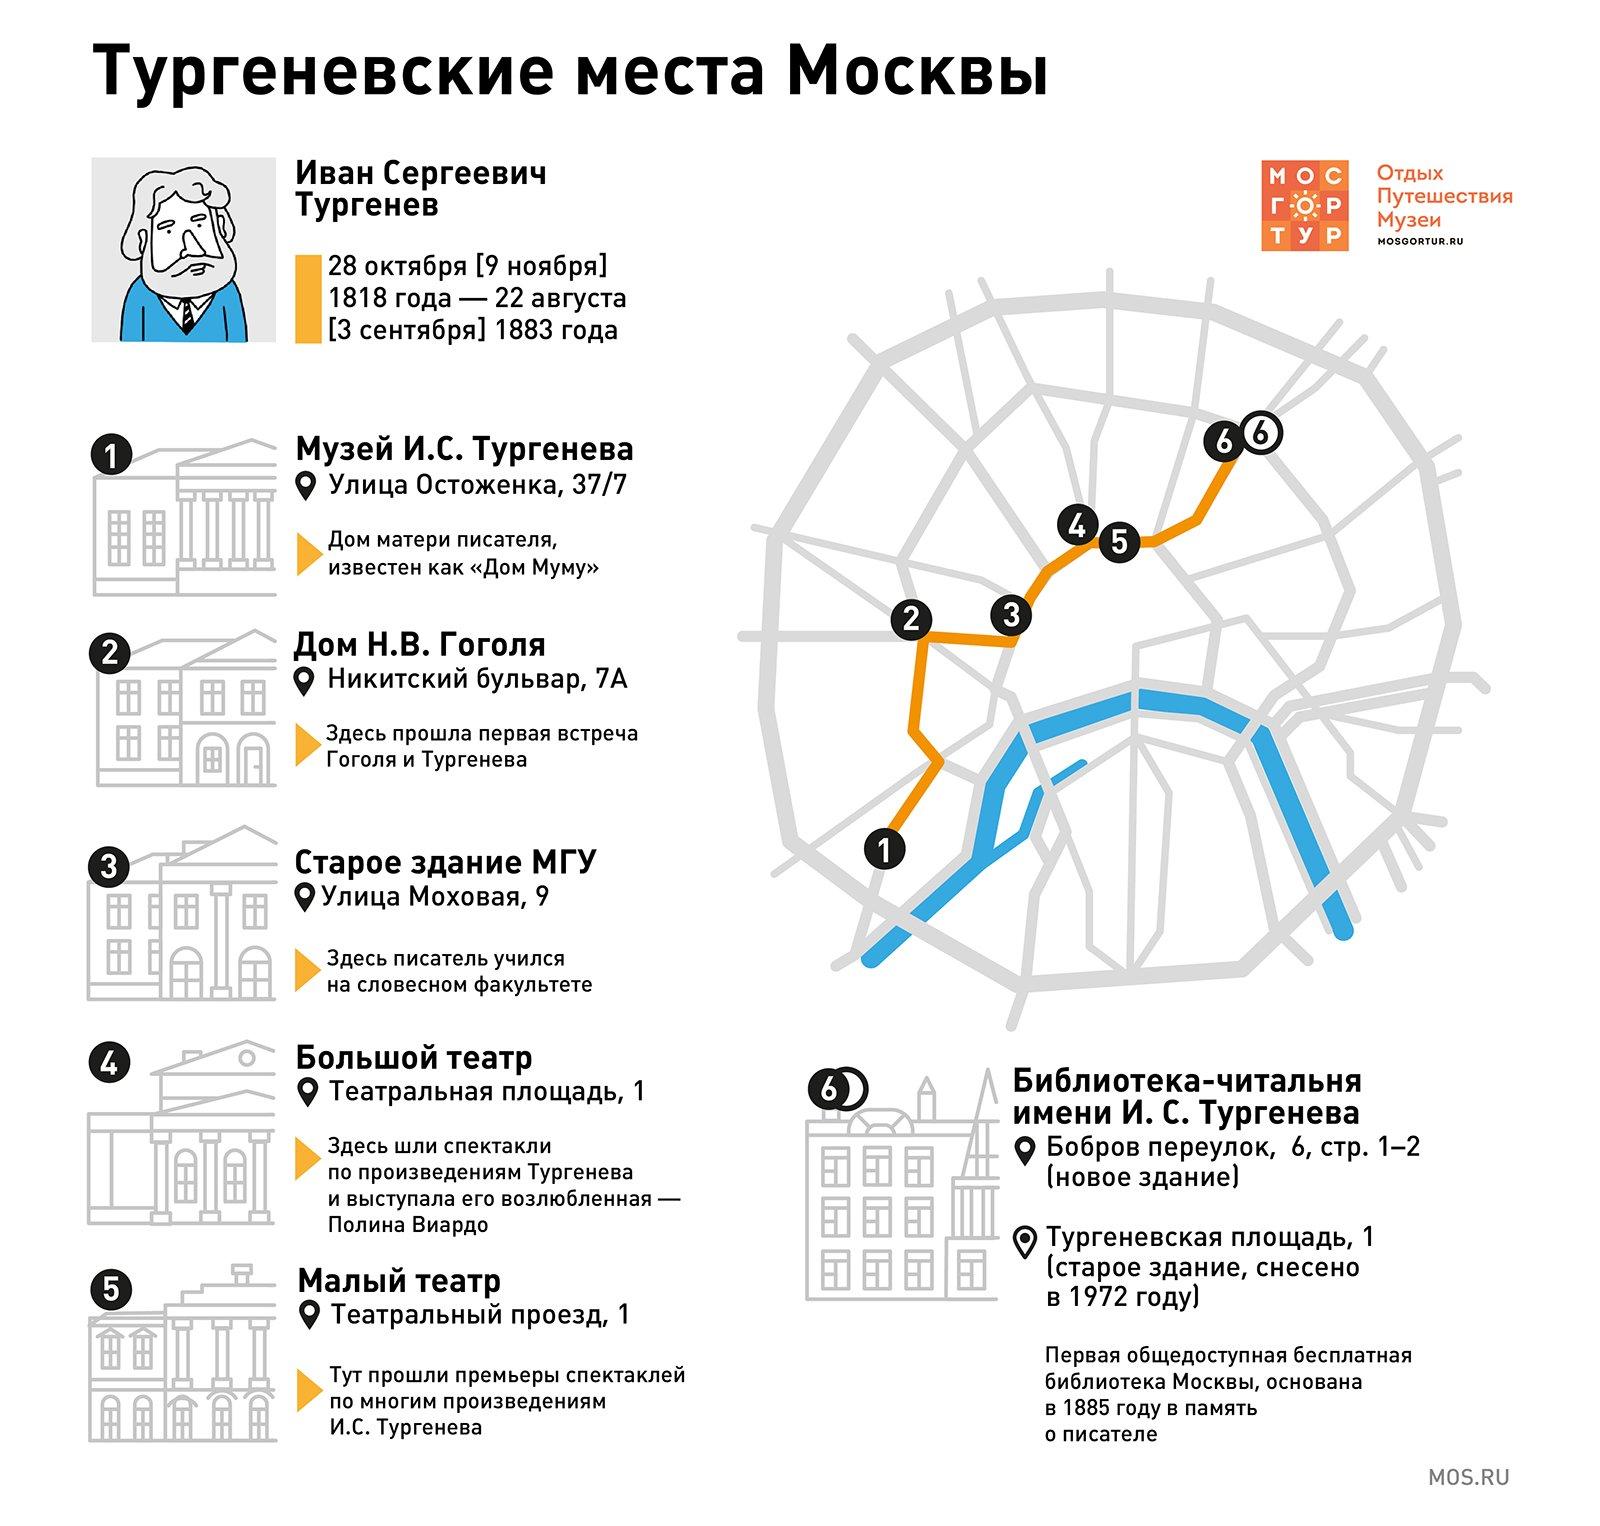 По Москве Тургенева: с Остоженки на Моховую и к Чистым прудам